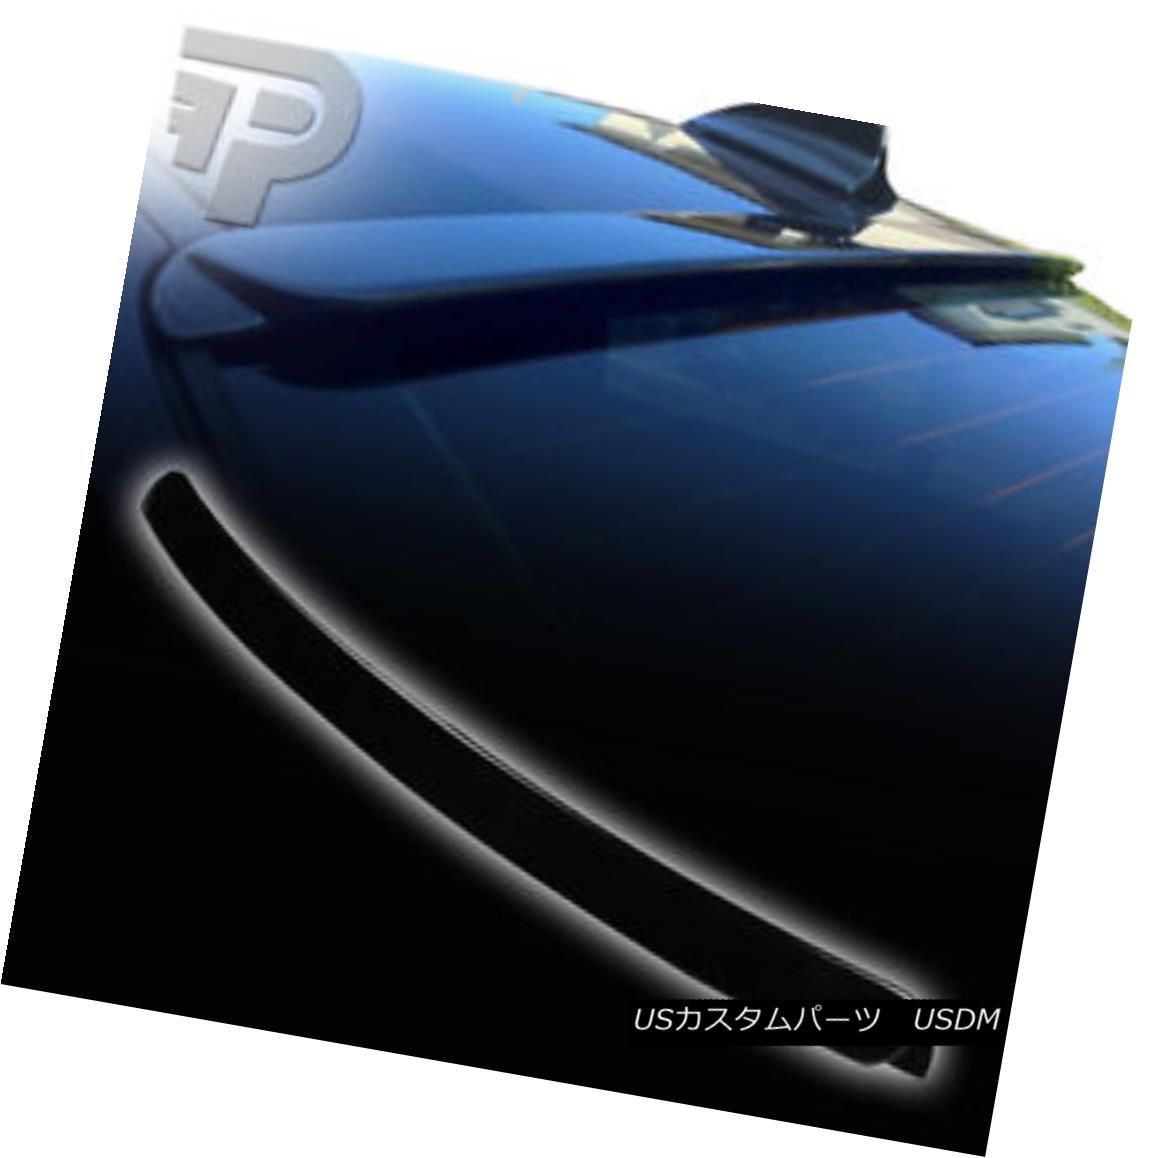 エアロパーツ PAINTED BMW E46 4D SEDAN A TYPE REAR WINDOW ROOF SPOILER WING 99-05 ▼ 塗装済みBMW E46 4DセダンAタイプリアウィンドウルーペスポイラーウイング99-05?